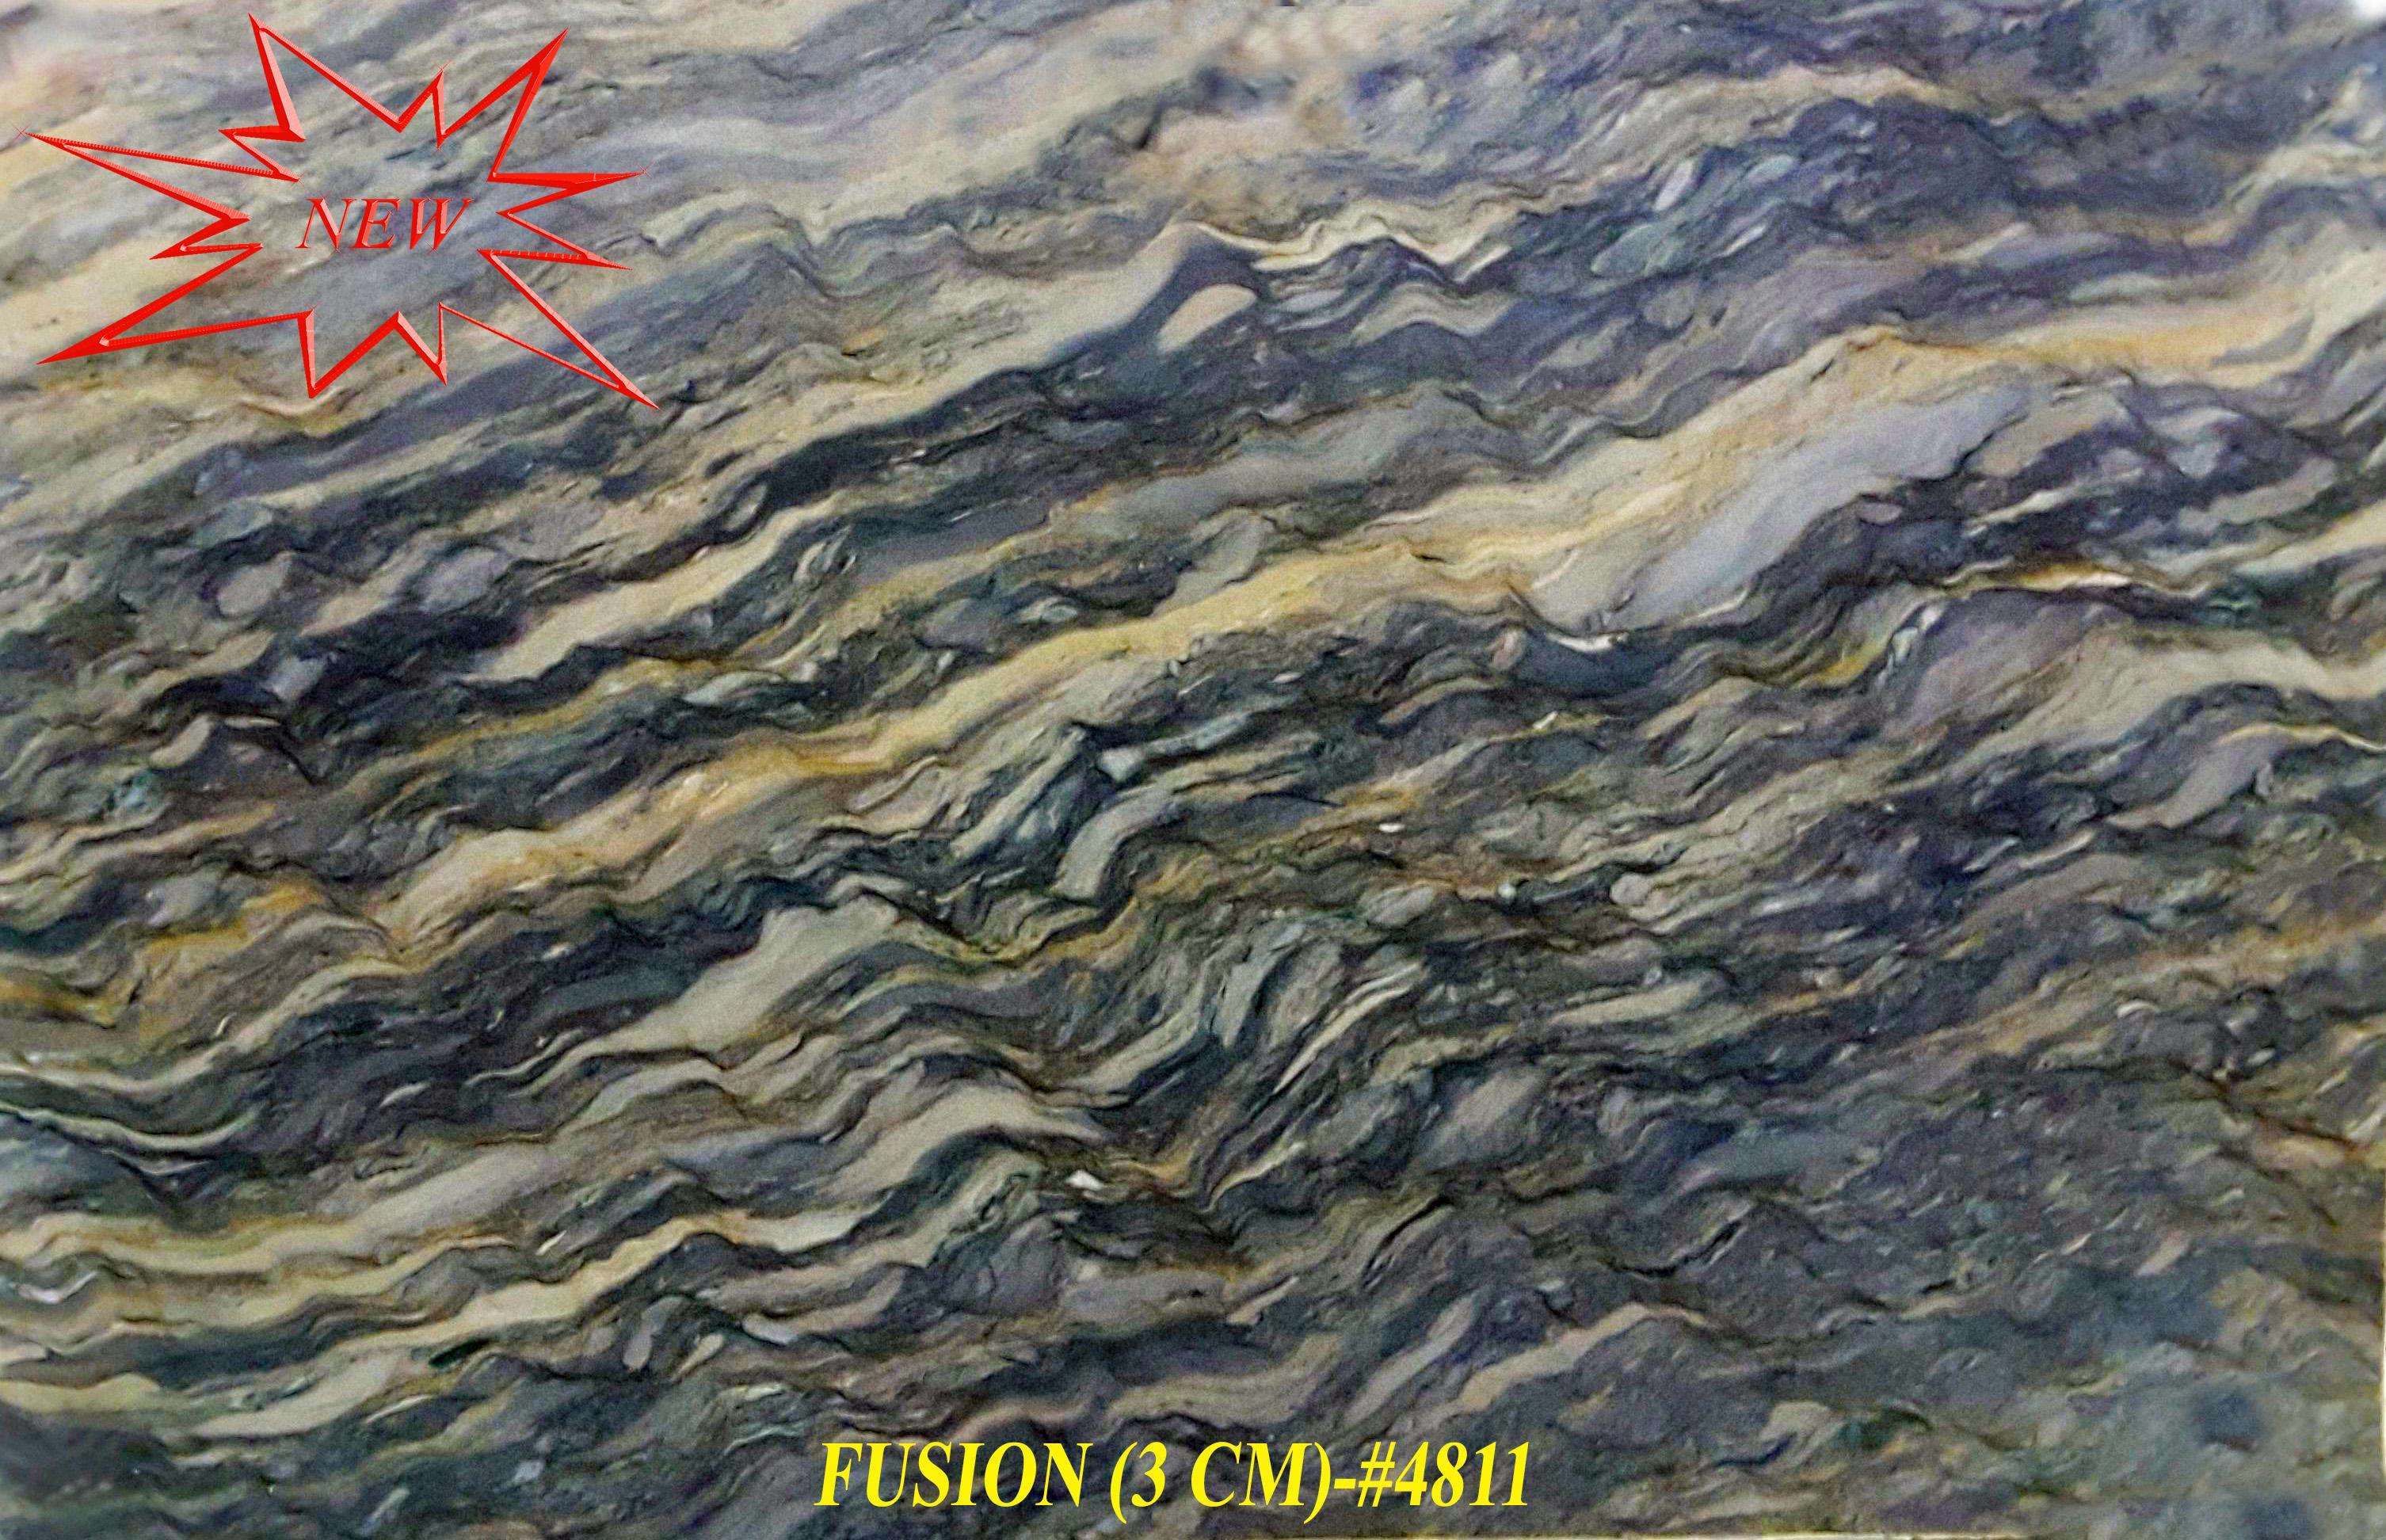 FUSION (3 CM)-#4811